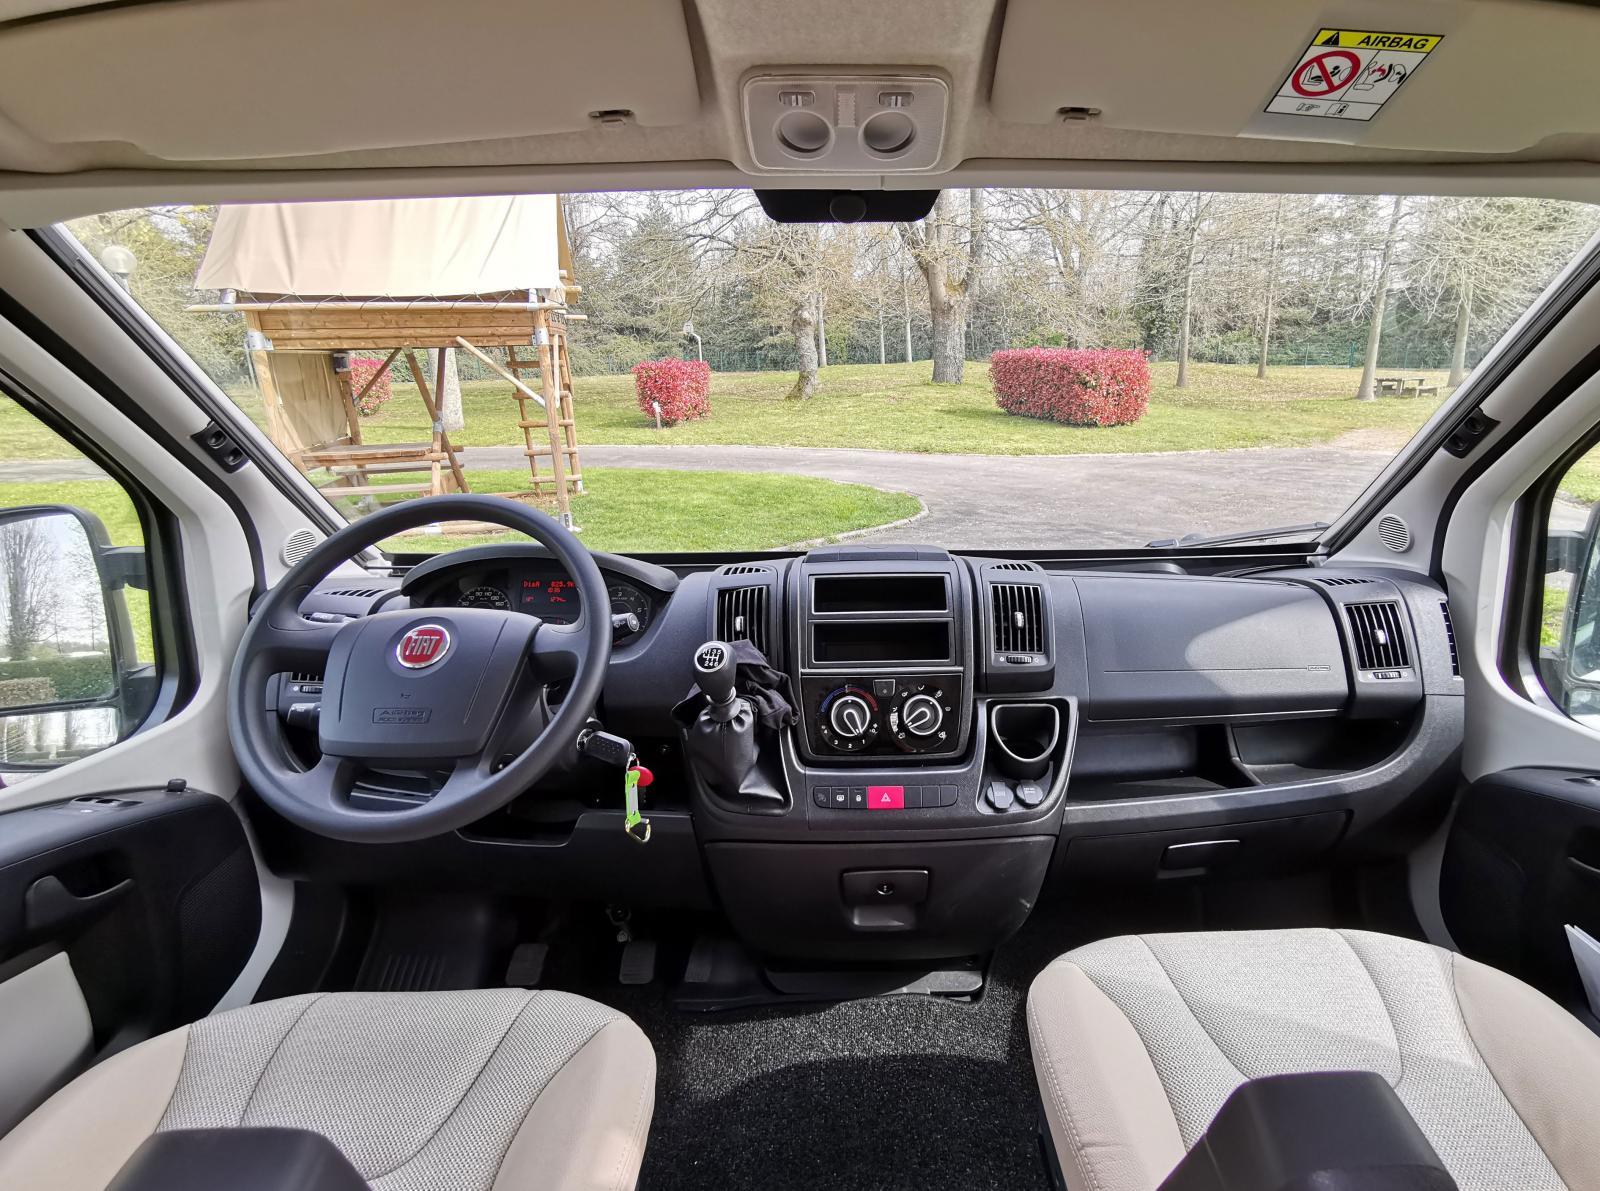 Välkänd förarmiljö. Standardbetonad Fiat-del utan kromringar i ratten eller dryckeshållare i mittkonsolen. Remis-gardiner ingår i FUN+ paketet och som vanligt finns USB och 12-voltsuttag.